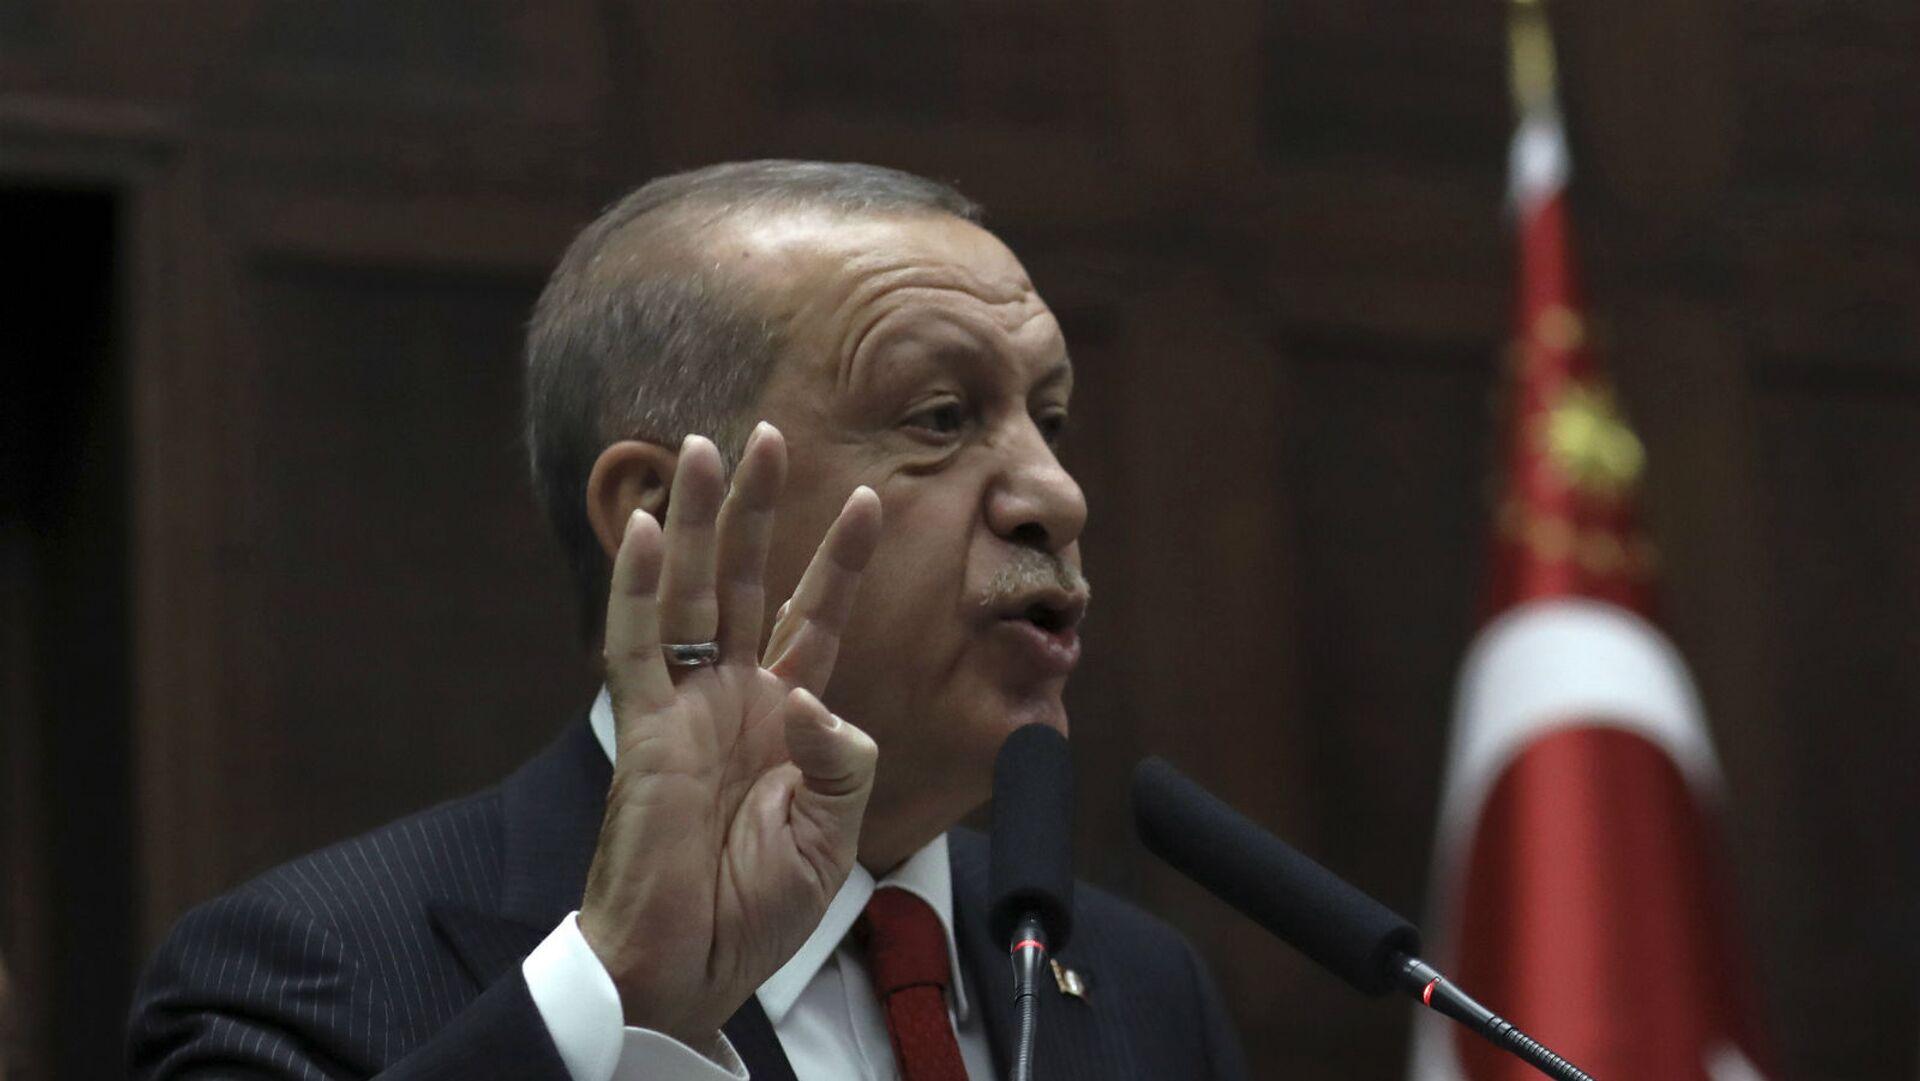 Президент Турции Реджеп Тайип Эрдоган обращается к законодателям своей правящей партии в парламенте (5 ноября 2020). Анкара - Sputnik Армения, 1920, 07.04.2021